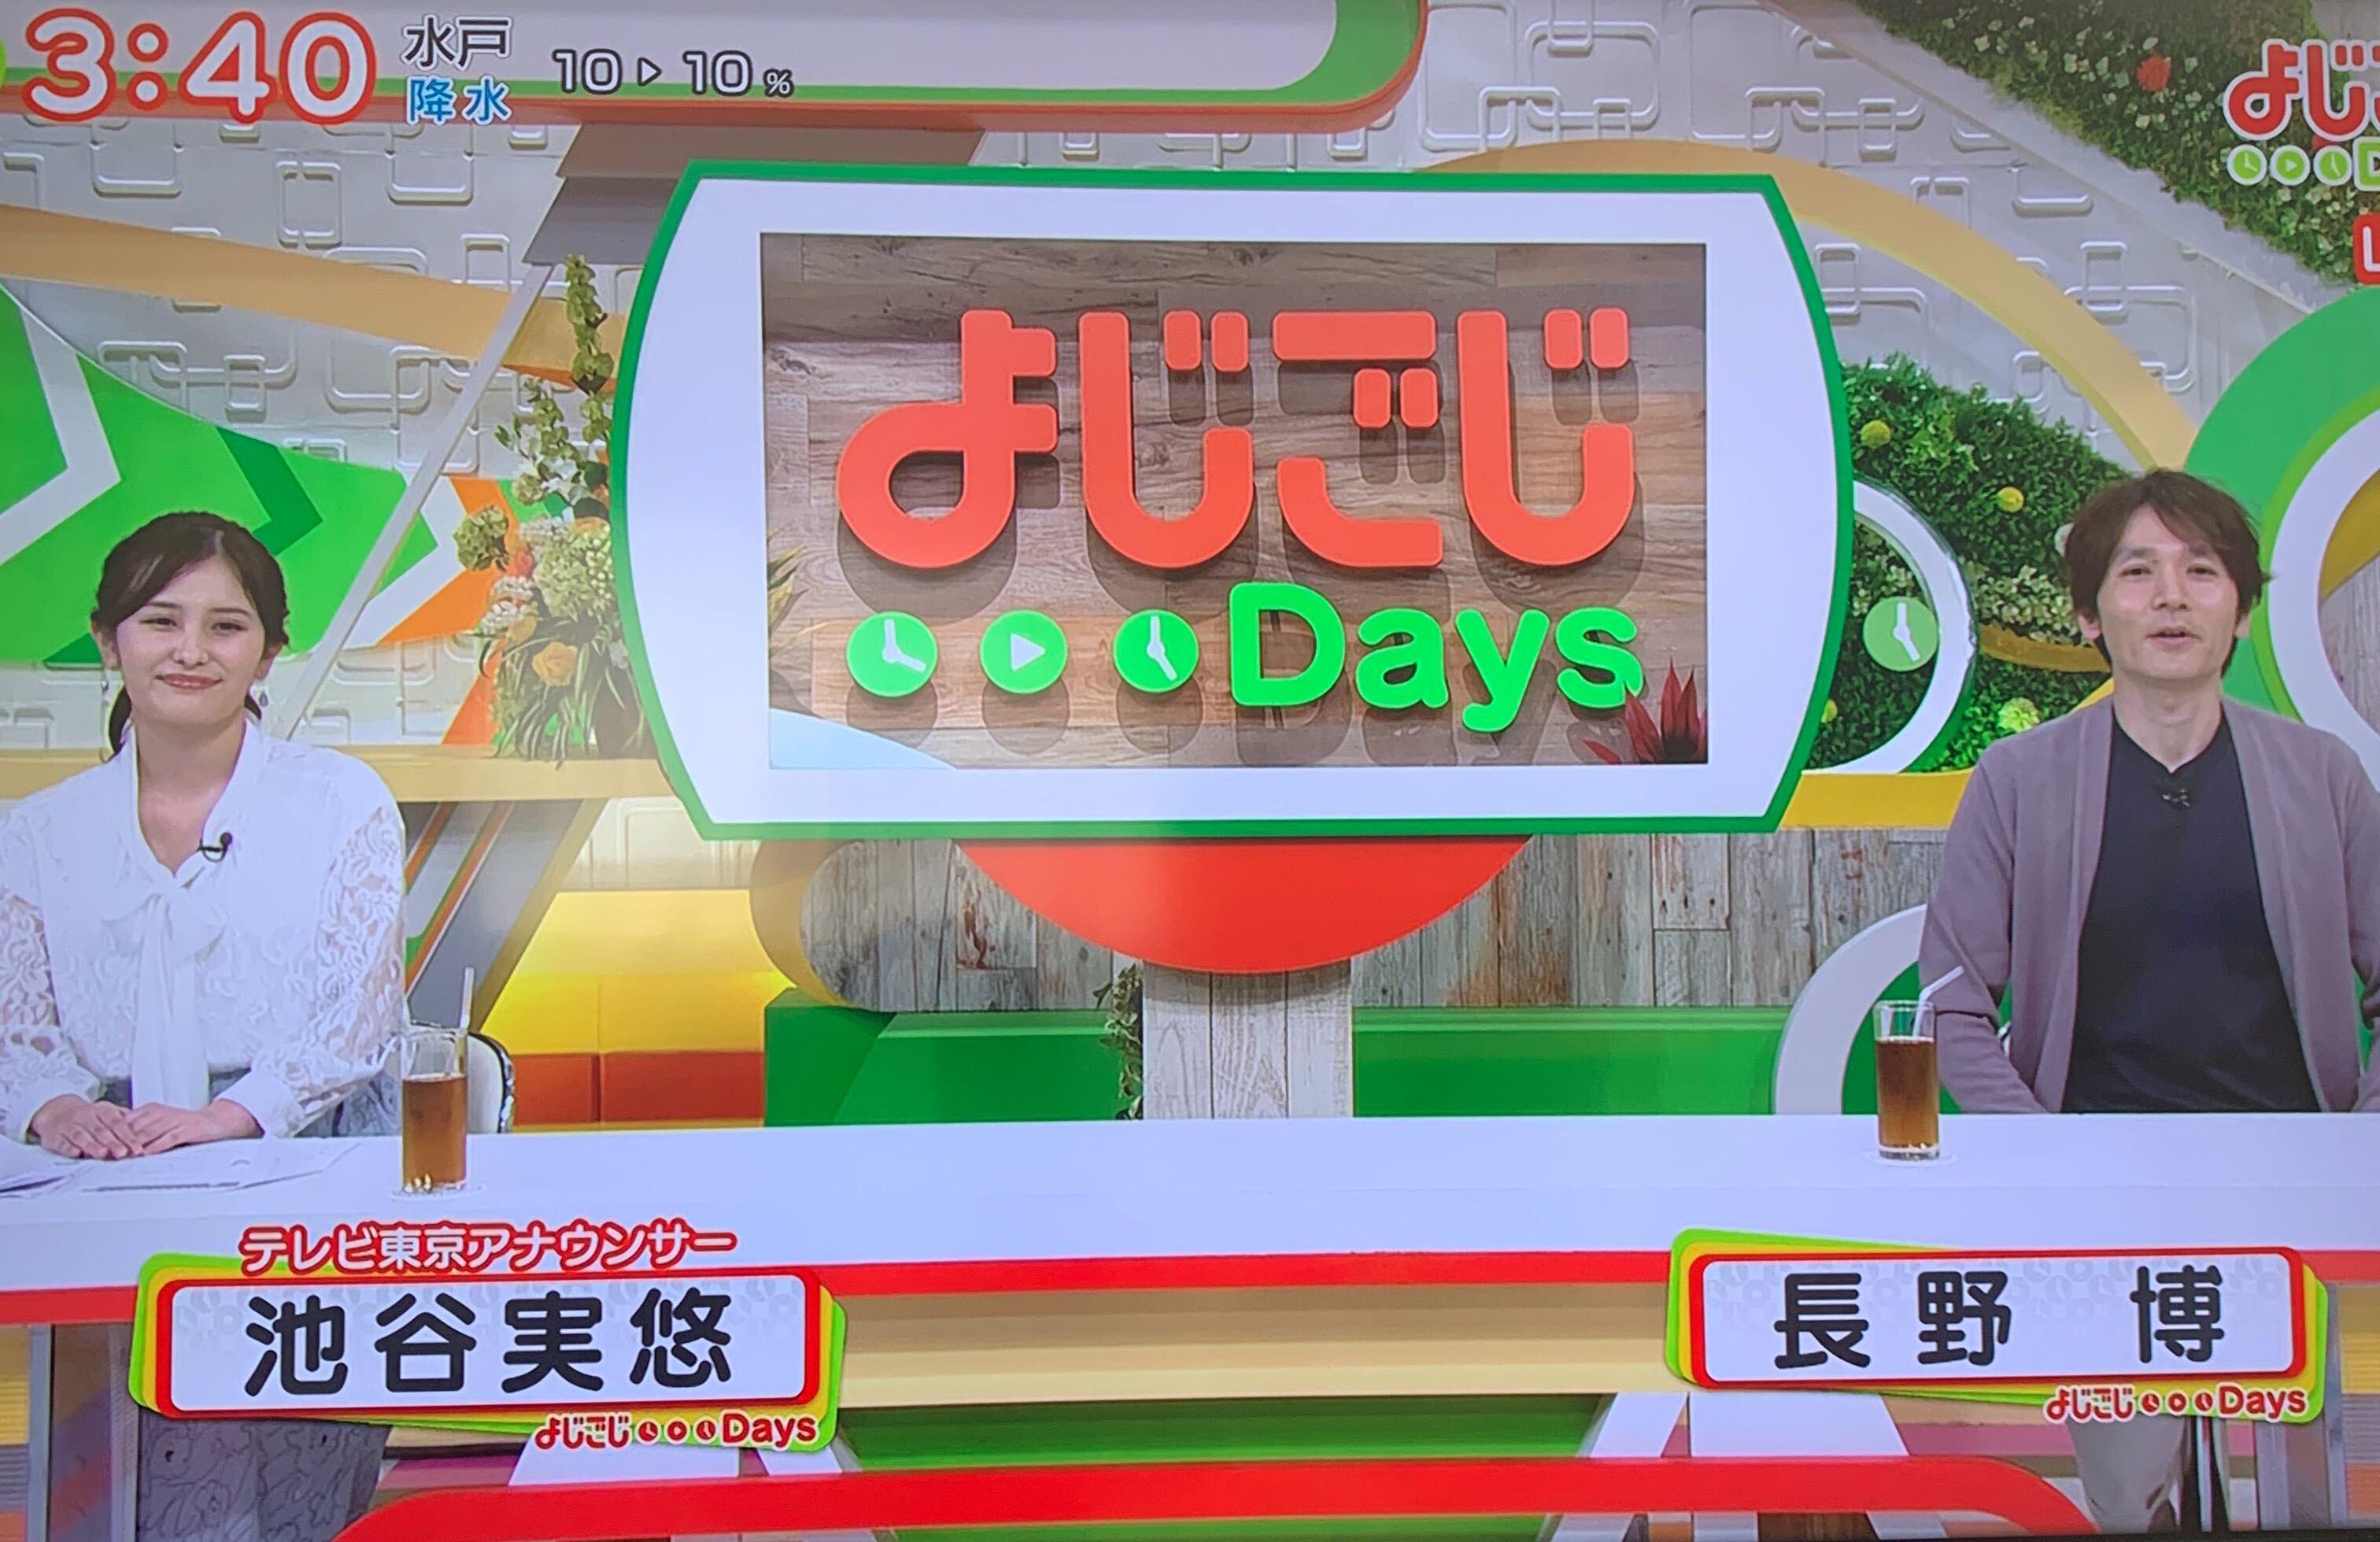 【テレビ出演でした】テレビ東京「よじごじDays」コロナ太り対策がっつりヘルシーレシピ